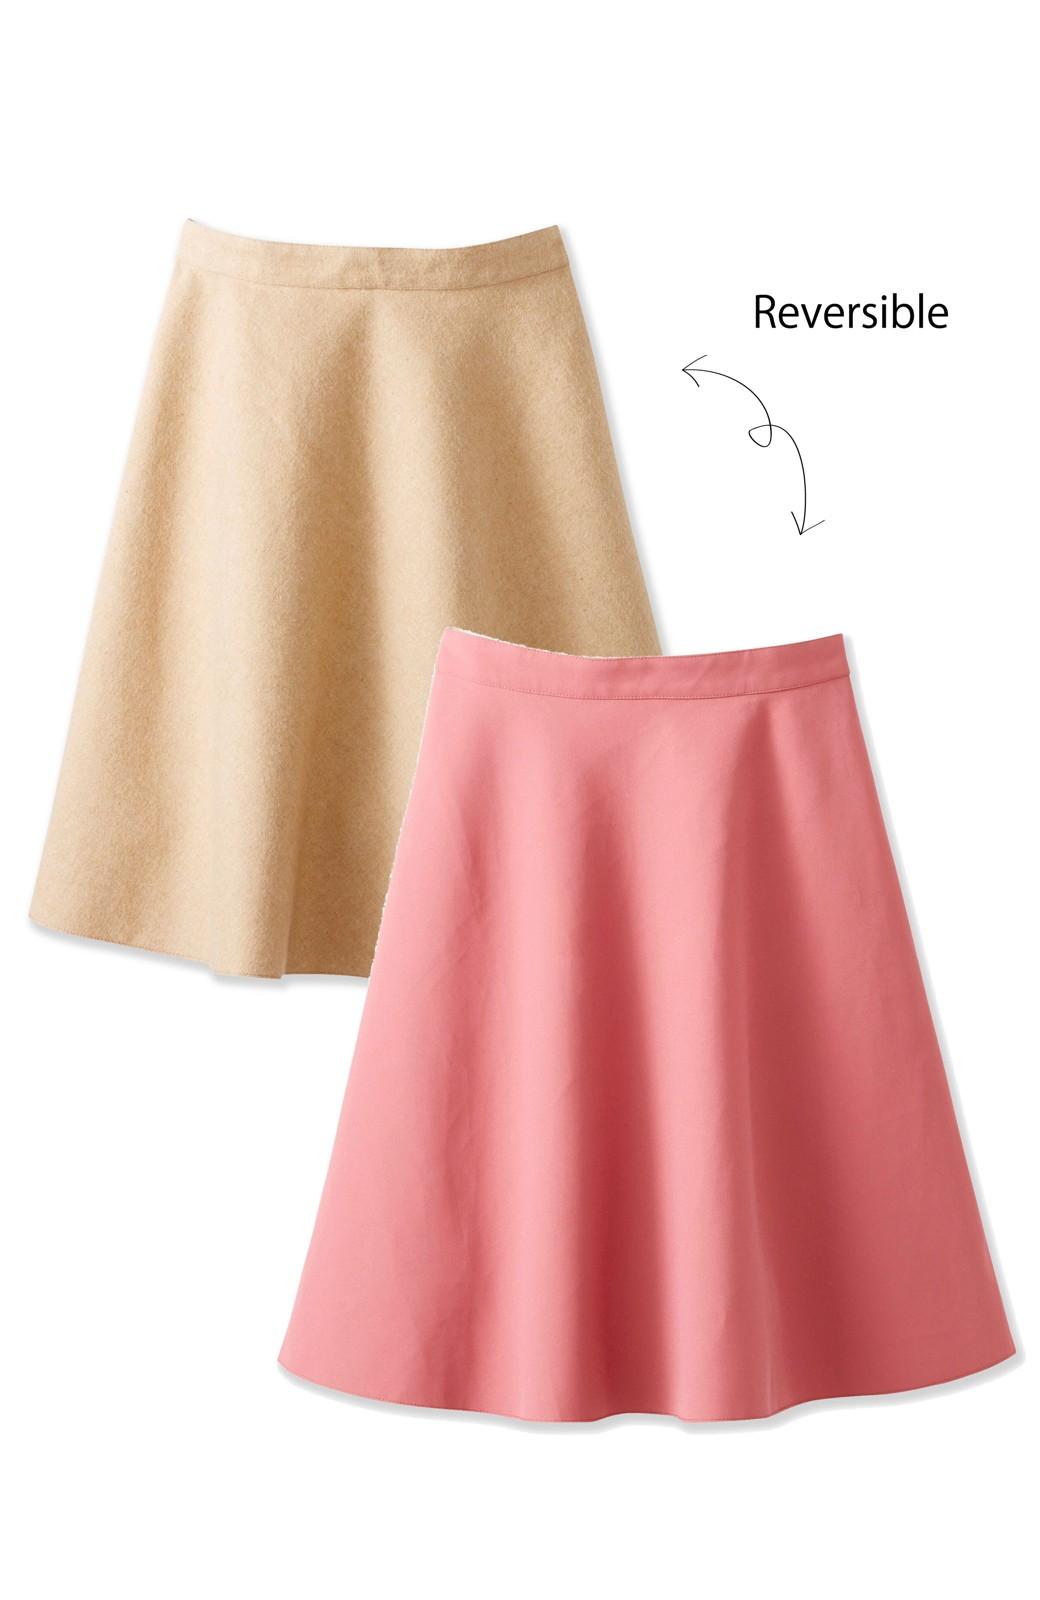 エムトロワ 【mer1月号掲載】きれい色もあったかも楽しめるリバーシブルフレアースカート <ベージュ>の商品写真1